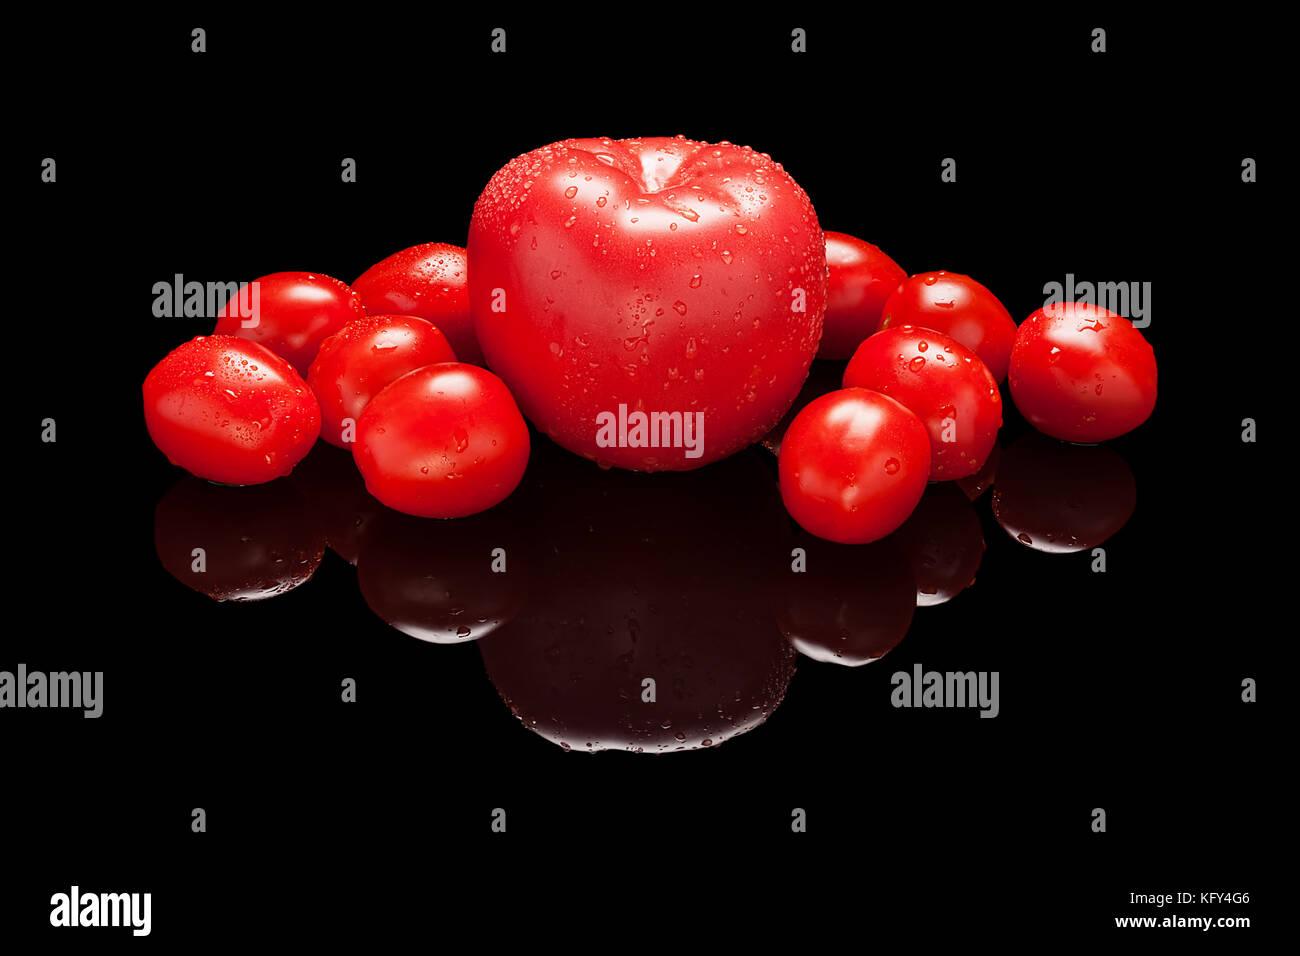 Un Unico Grande Tutto Rosso E Un Mucchio Di Pomodorini Isolato Nero